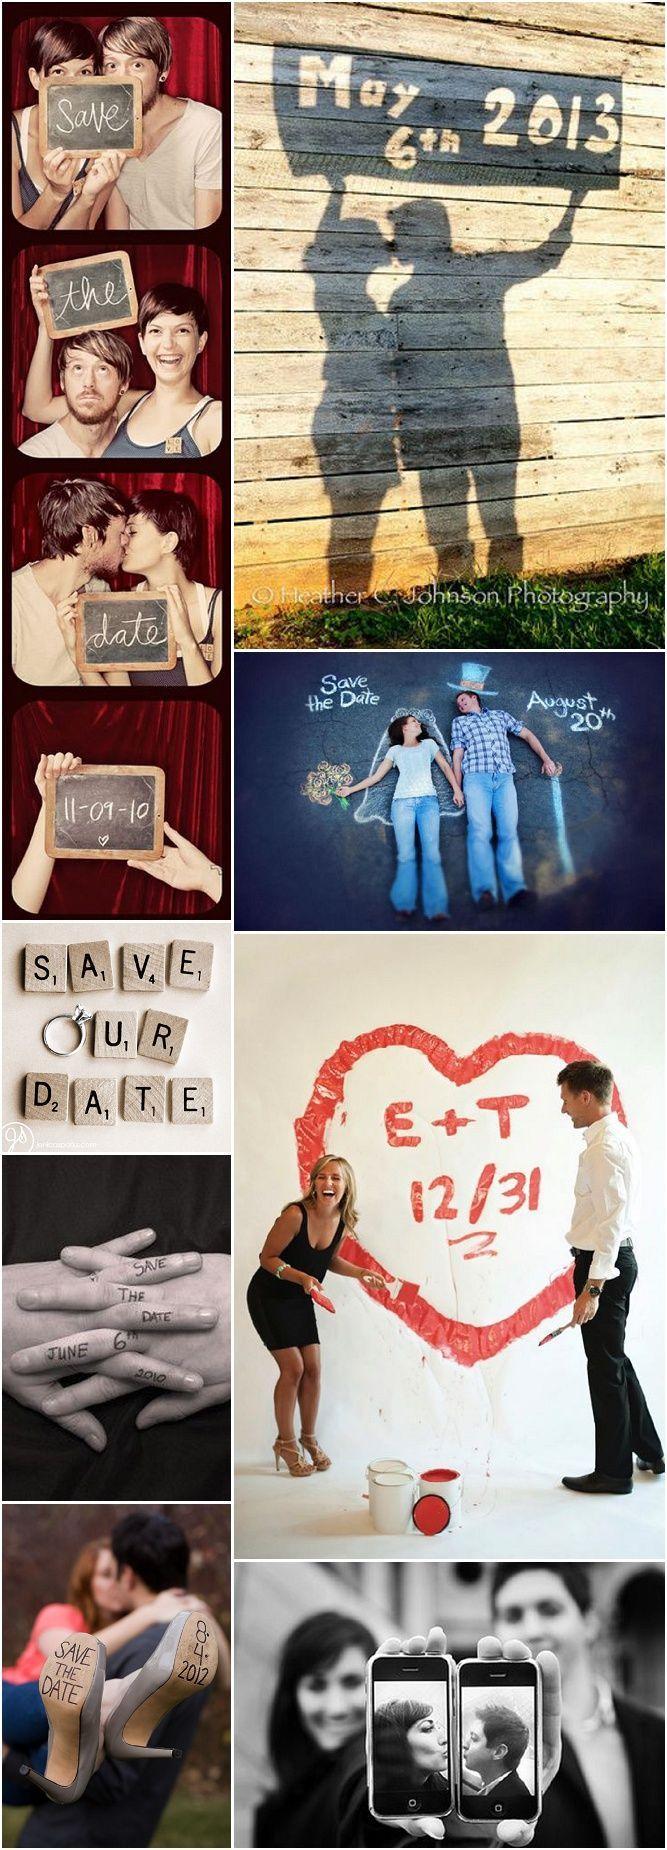 Et si vous n'avez pas de budget, voici quelques idées de save-the-date originaux à faire vous-mêmes !: